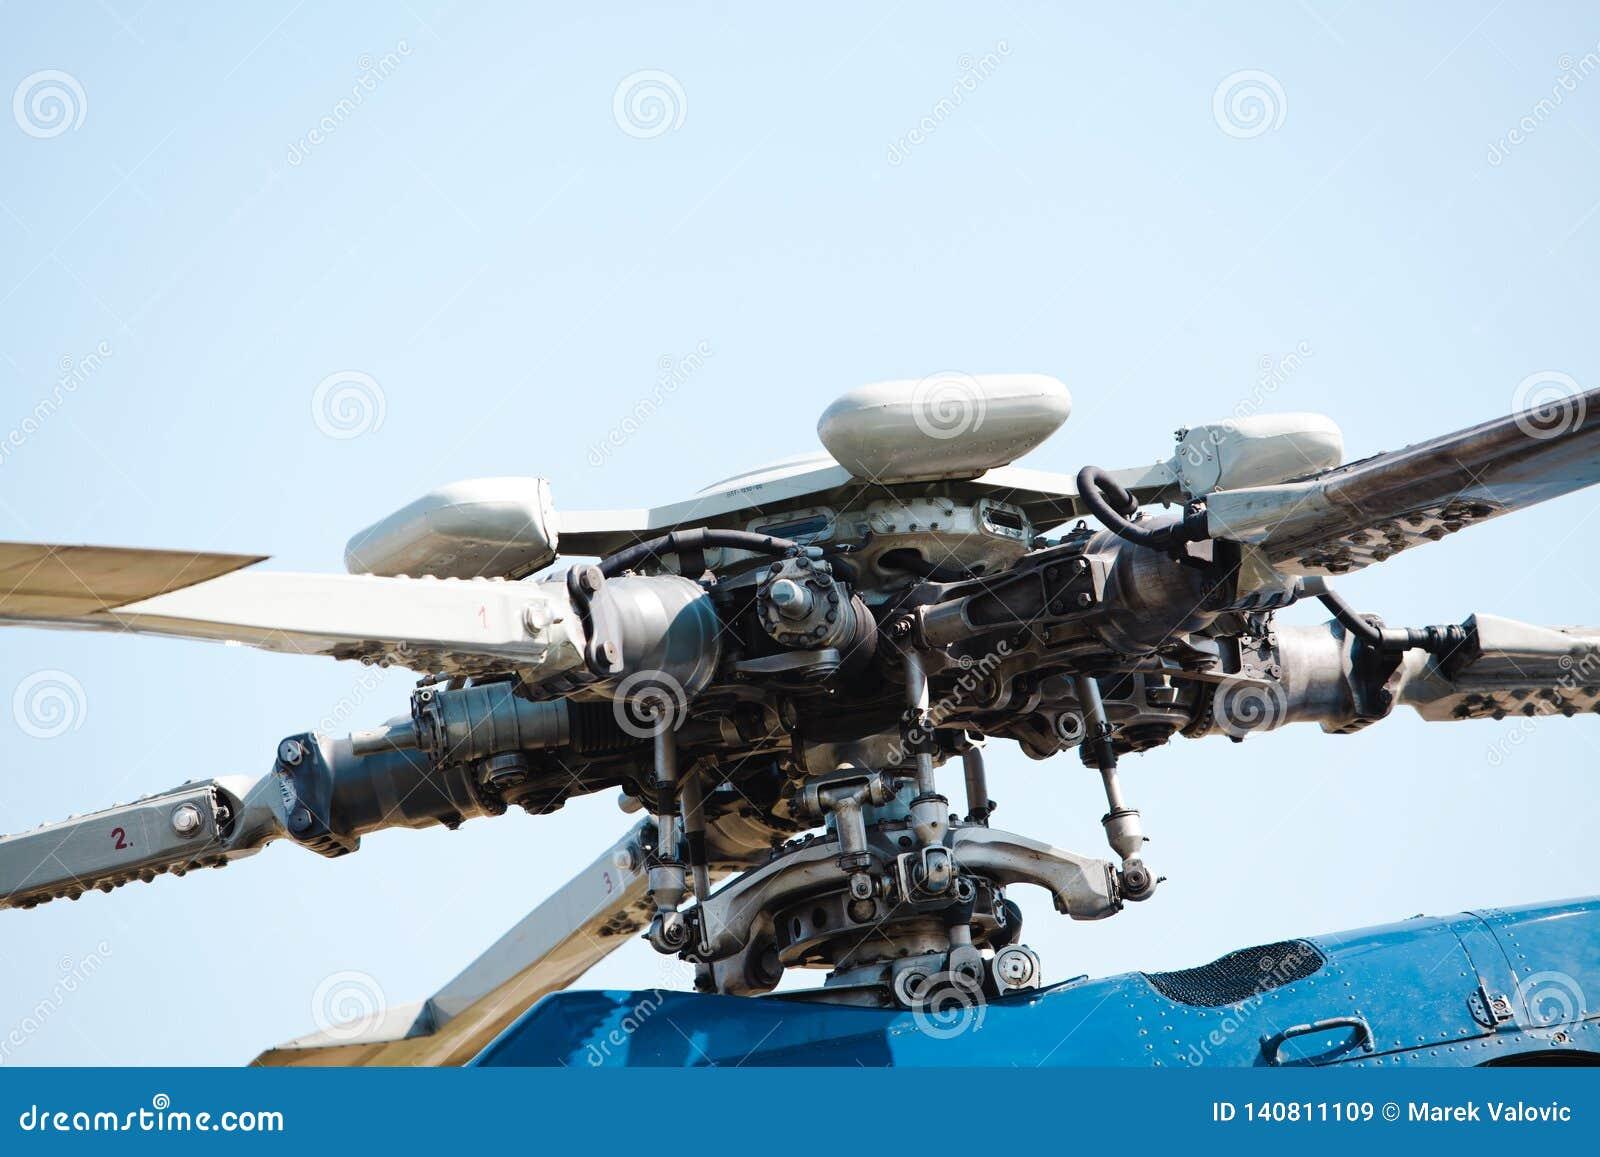 Детальный взгляд на роторах и лезвиях двигателя вертолета - гидравлического